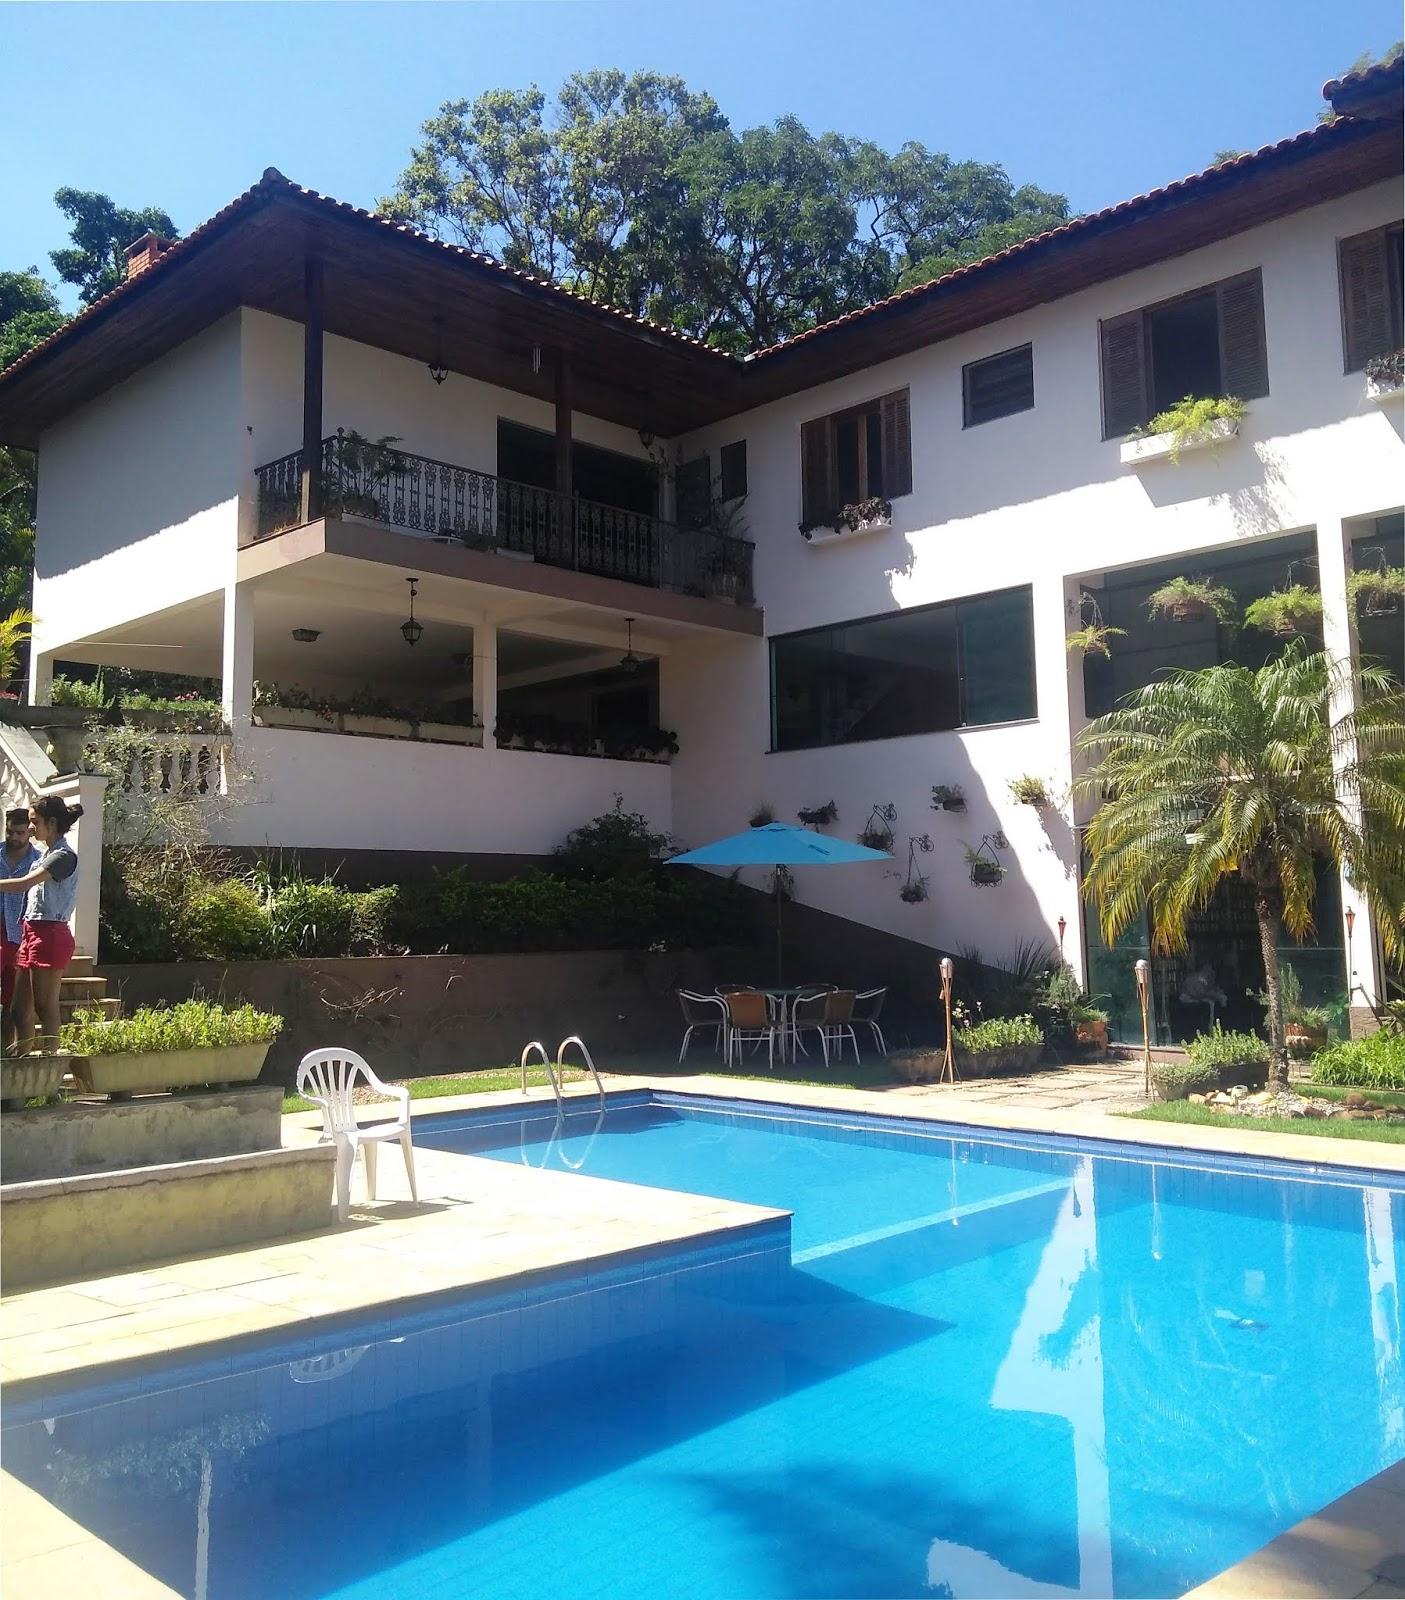 Local em São Paulo alugado no Airbnb